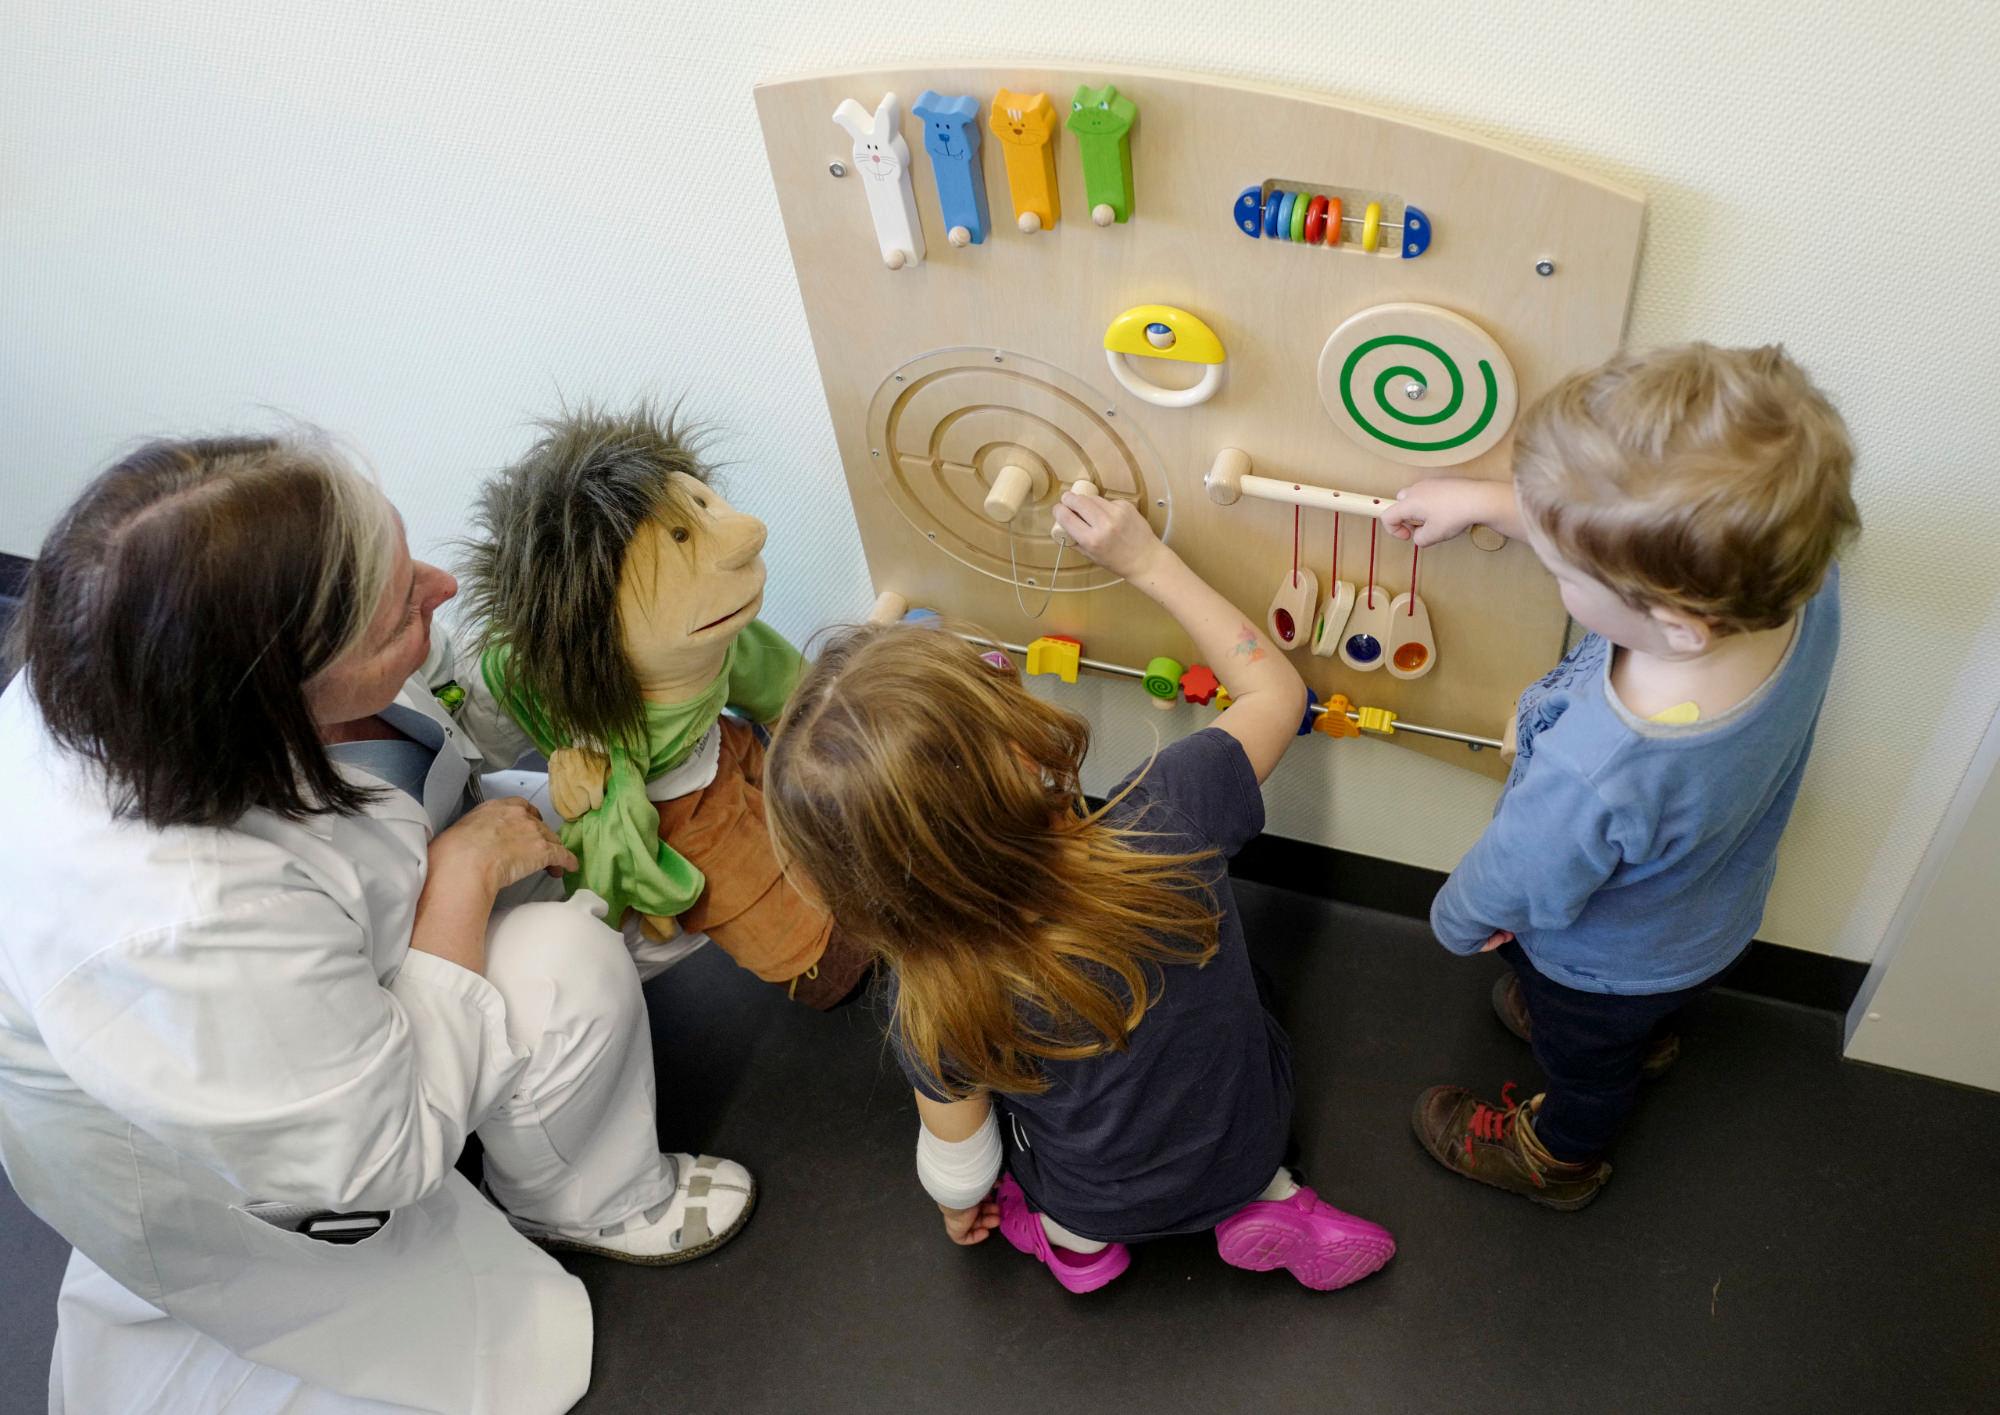 Ärztin mit Kinder an einem Spielgerät